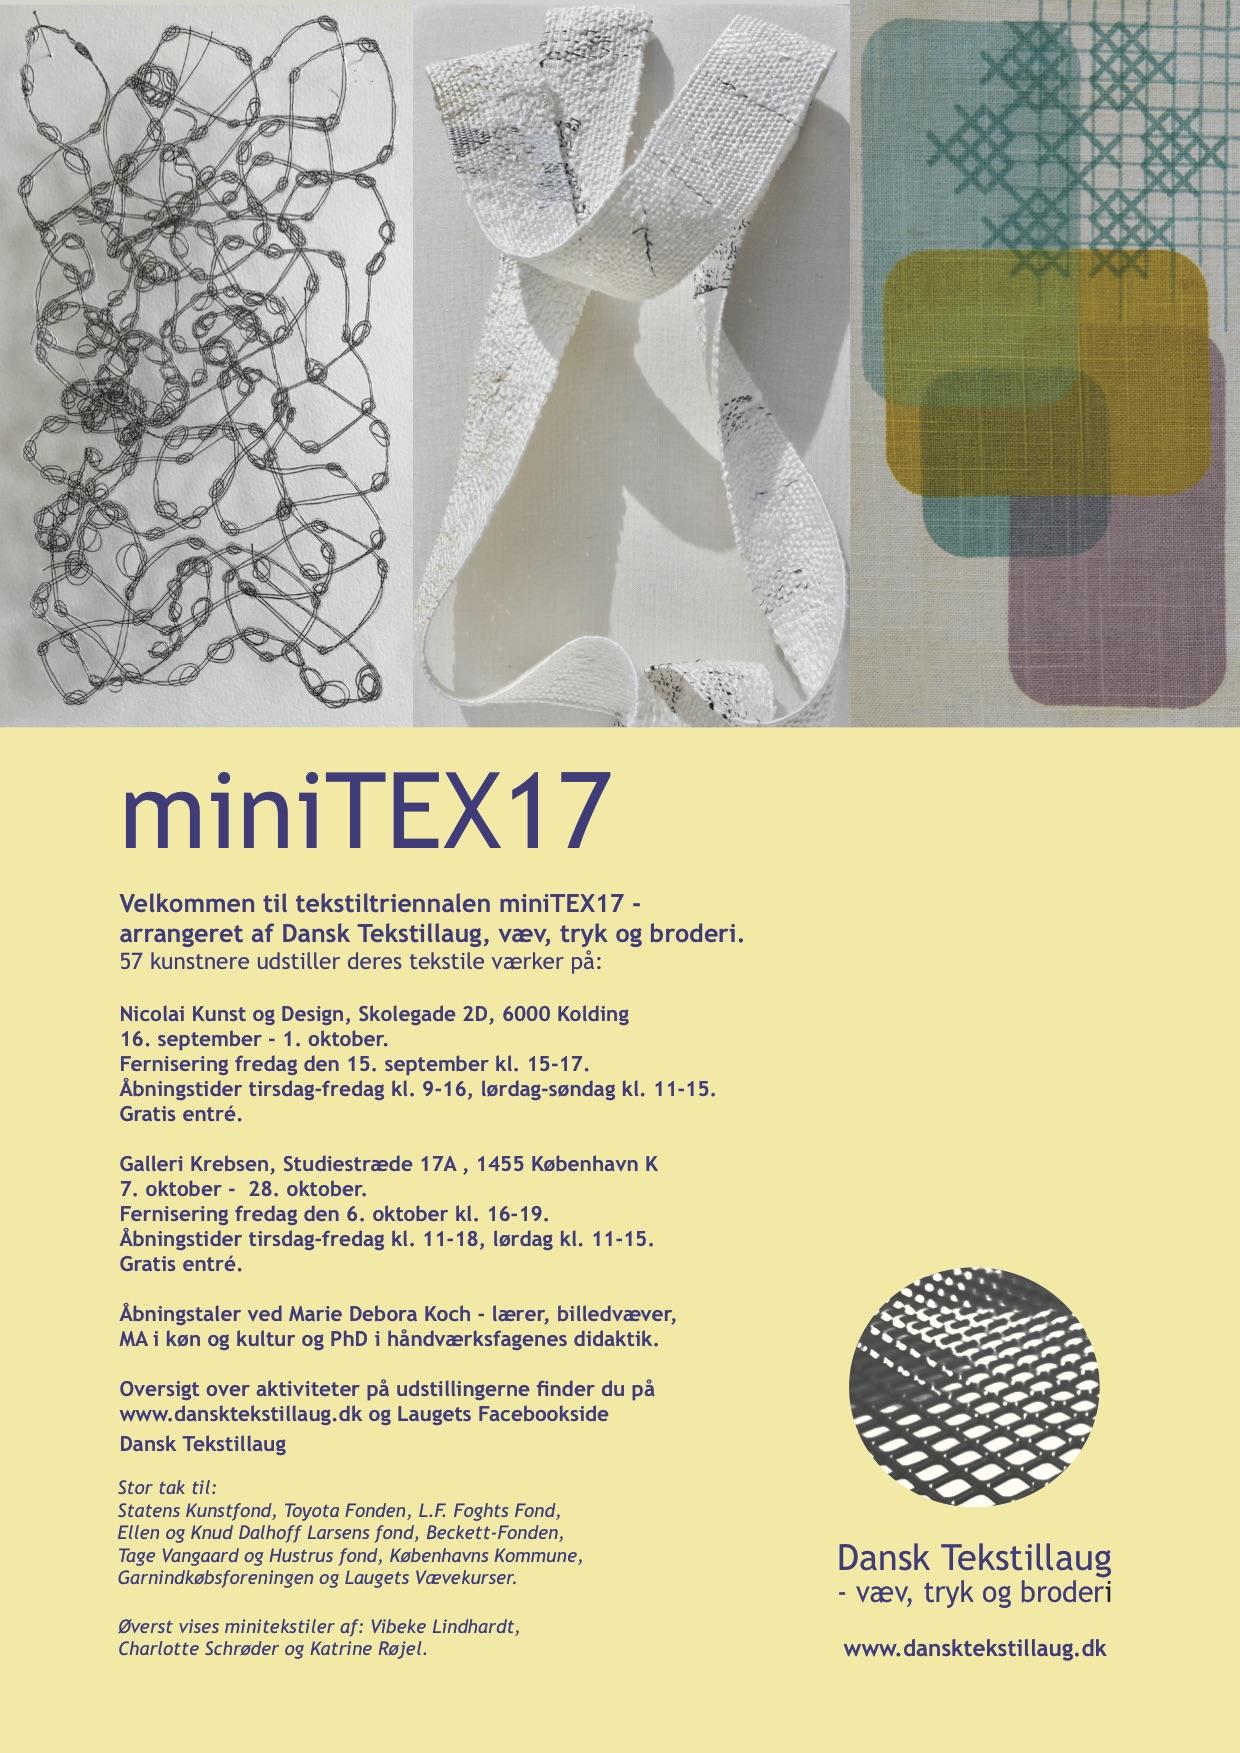 MiniTEX17